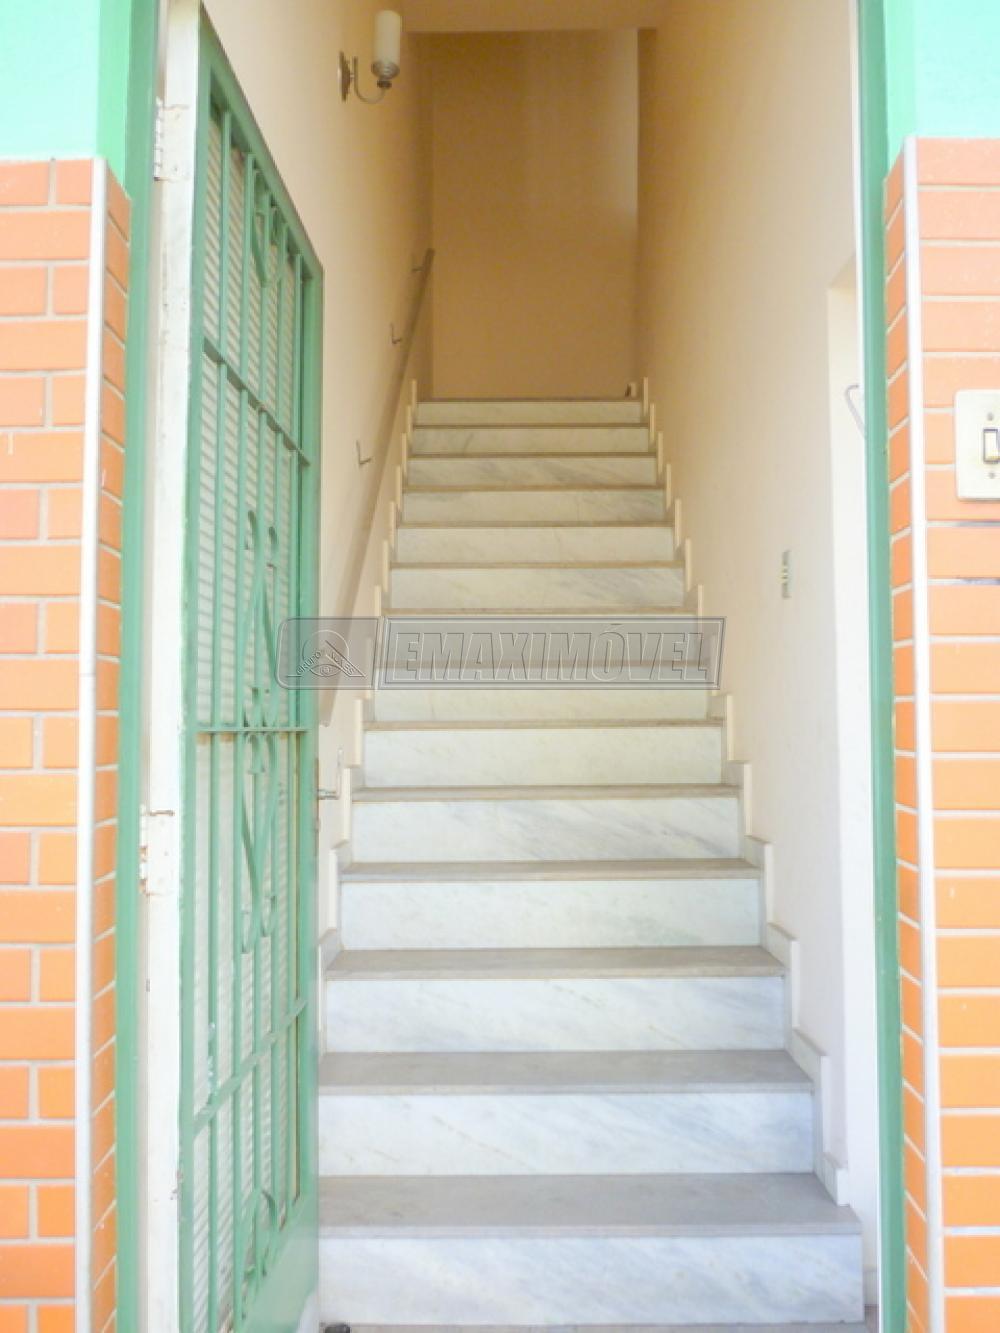 Comprar Salão Comercial / Negócios em Sorocaba R$ 1.950.000,00 - Foto 13